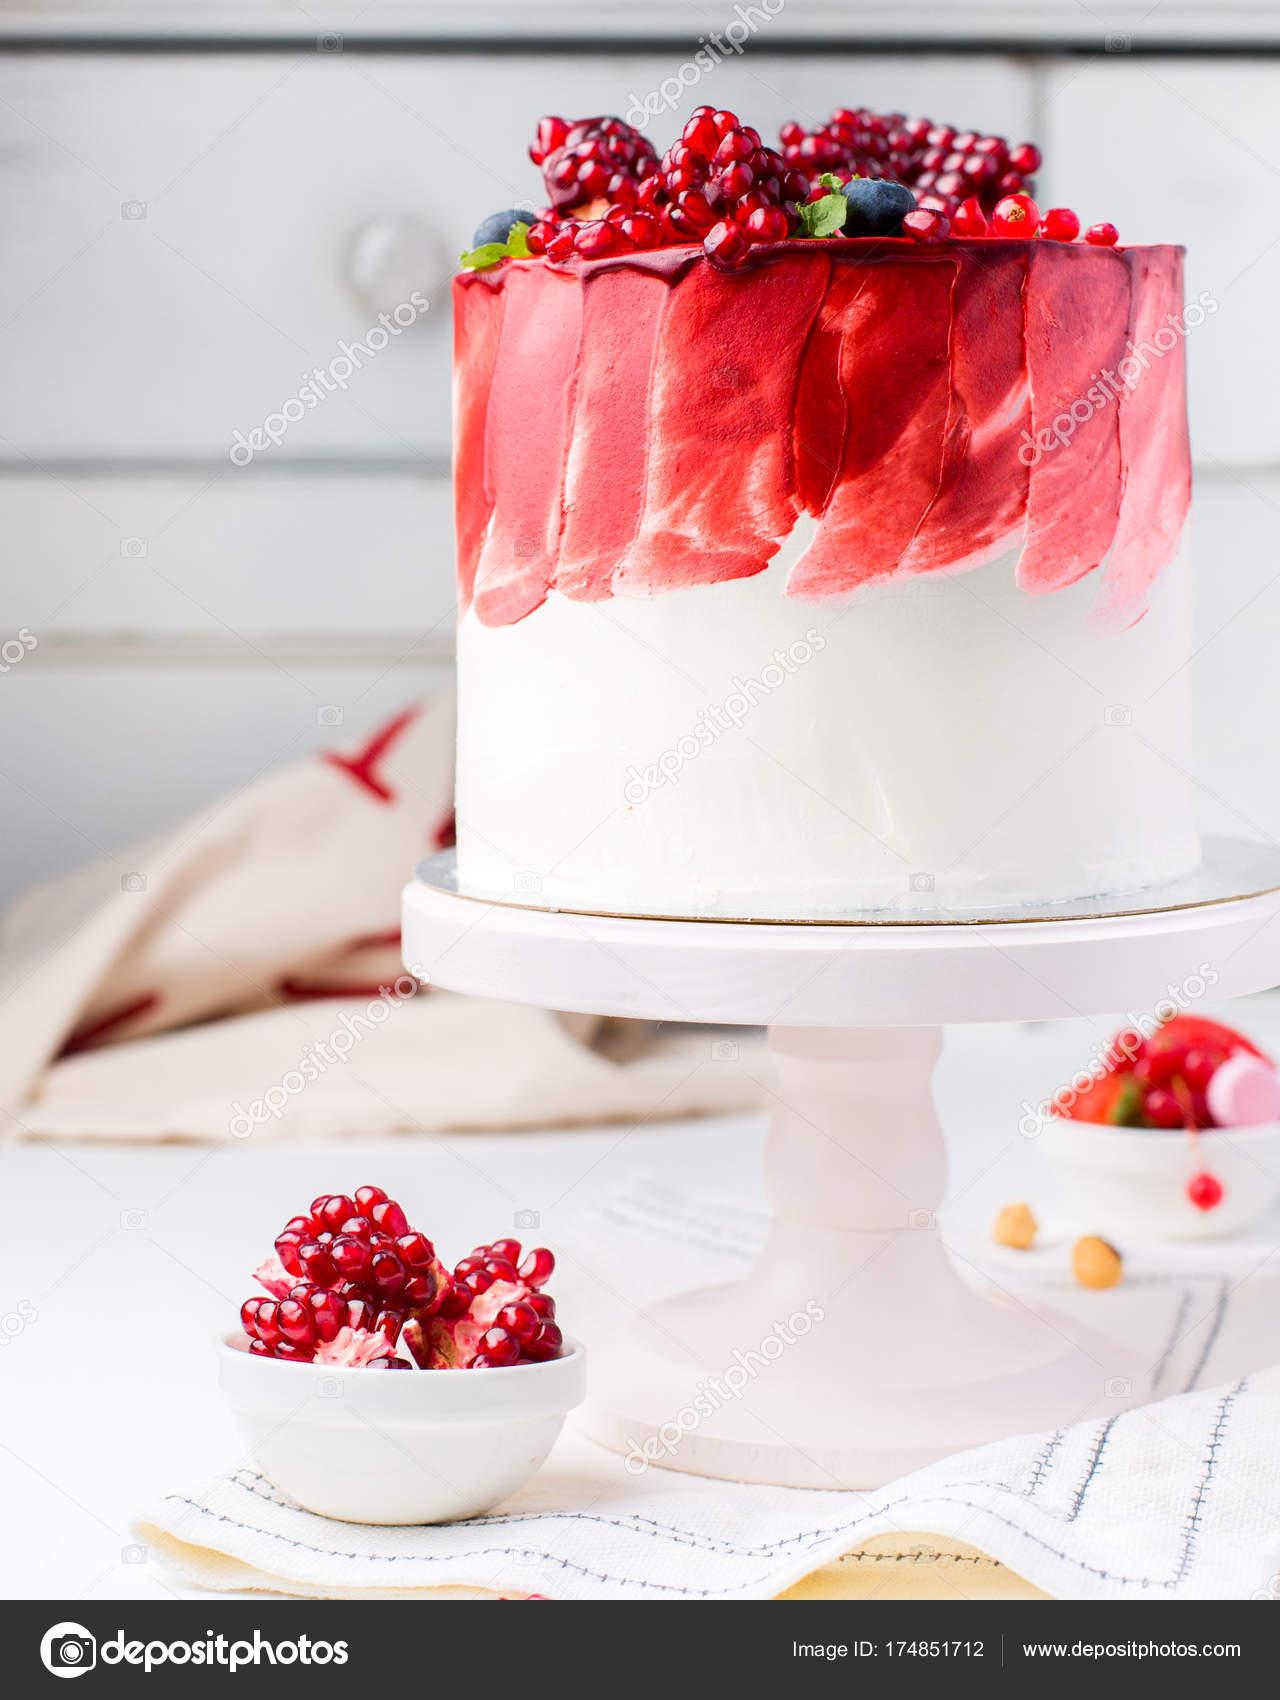 Ein Schoner Schokolade Kuchen Mit Kase Sahne Baiser Schokolade Und